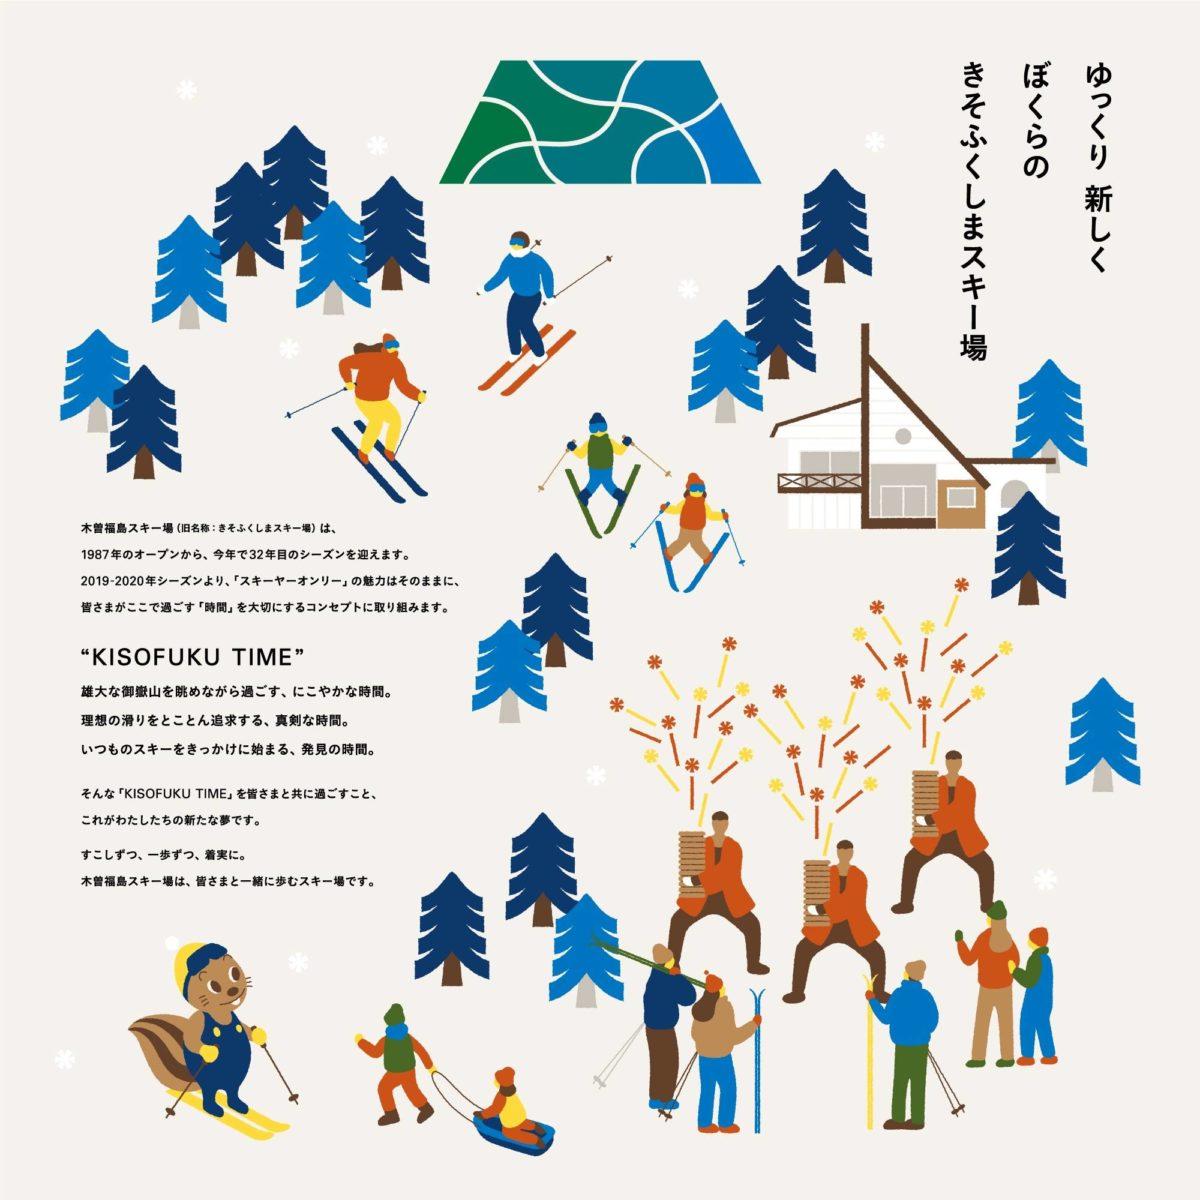 木曽福島スキー場 長野県